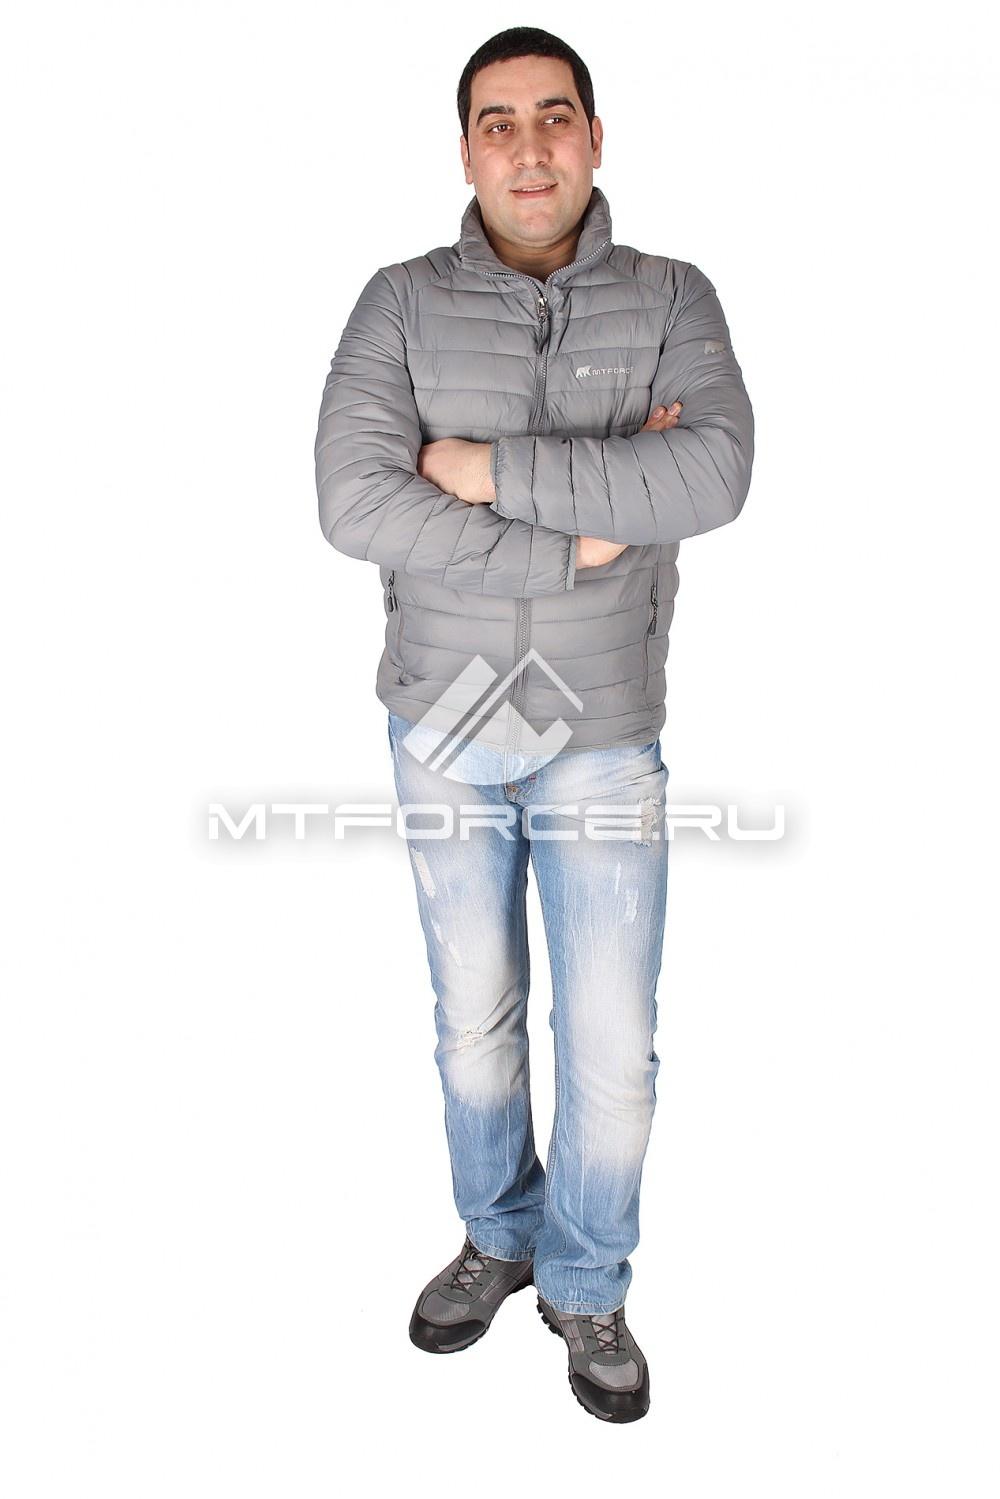 Купить                                  оптом Куртка мужская стеганная серого цвета 1607Sr